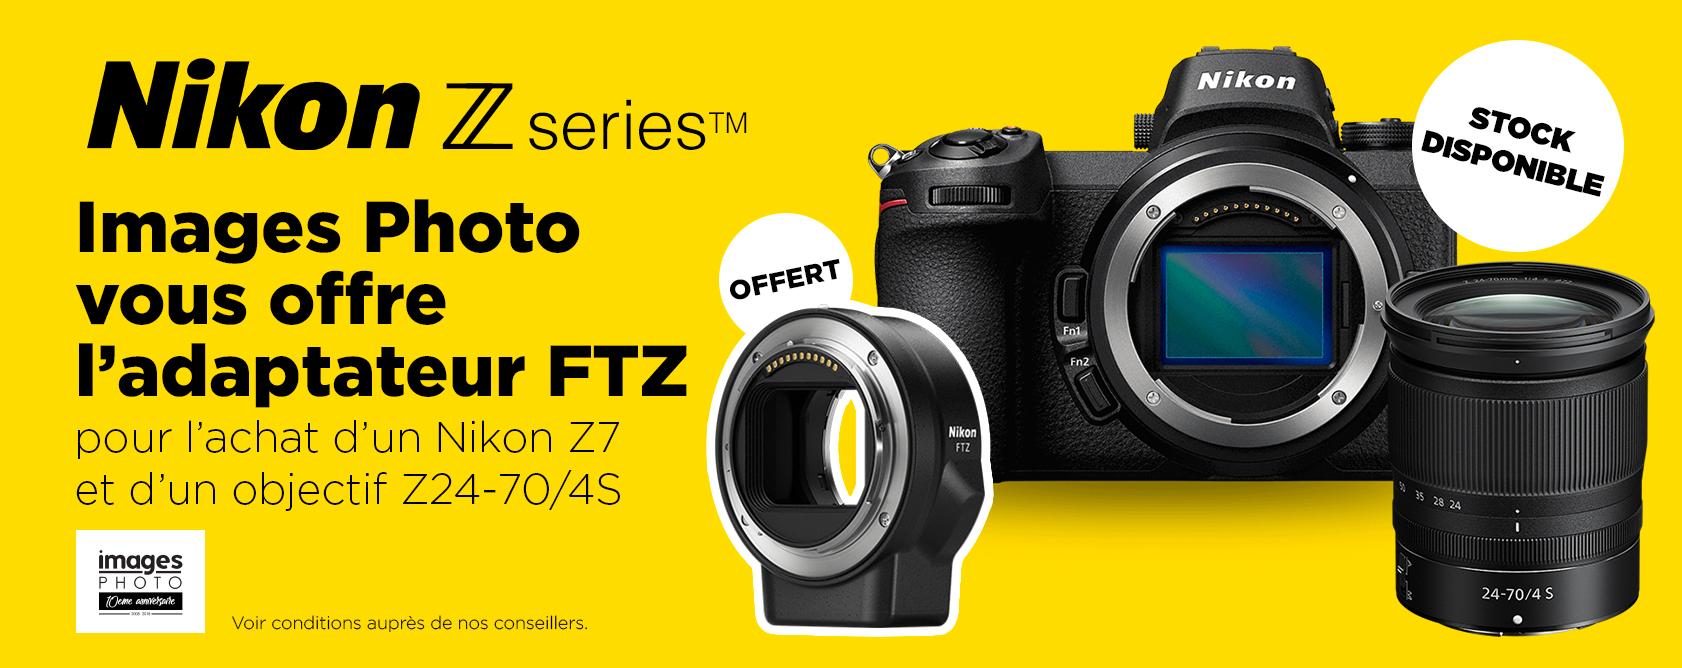 Nikon z7 + obj